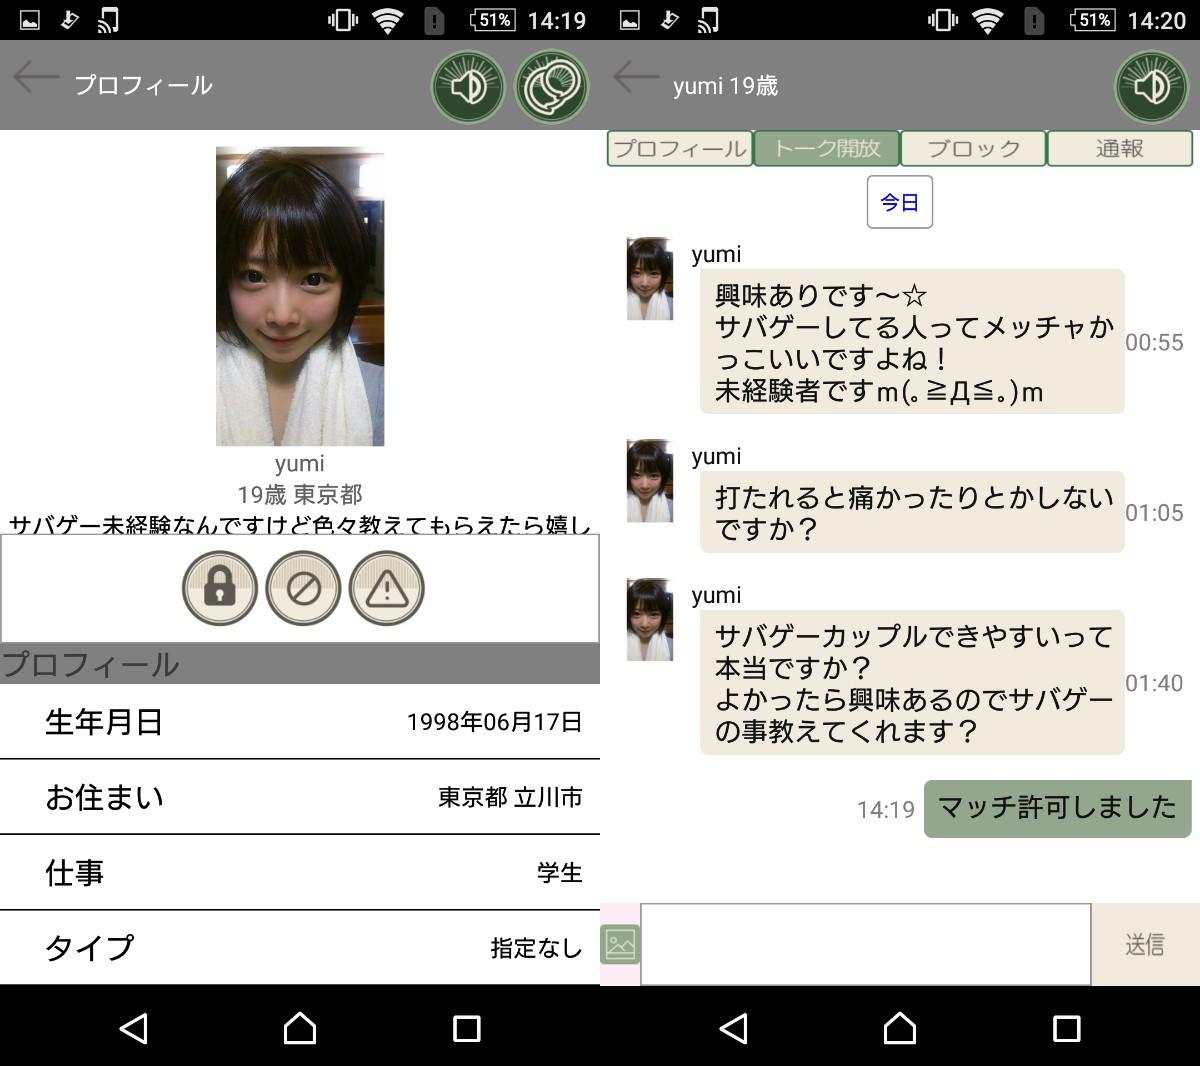 サクラ詐欺出会い系アプリ「SG」サクラのyumi